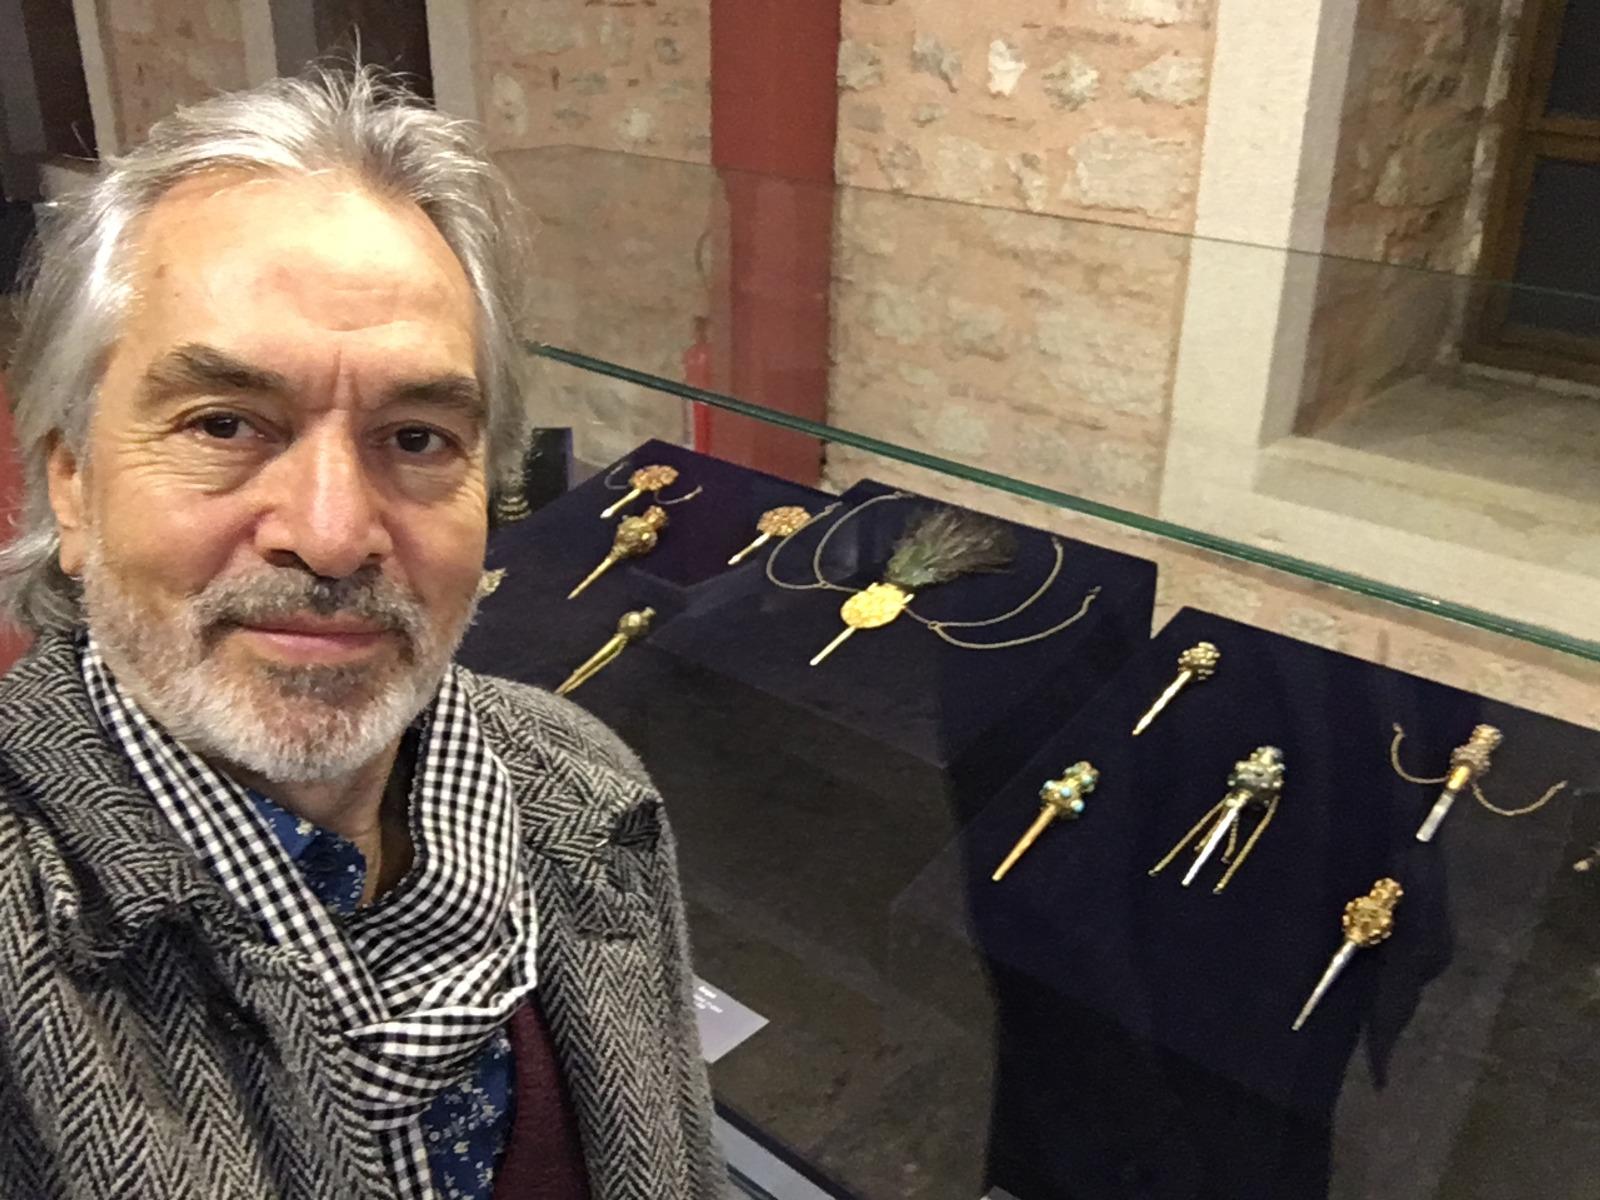 Ünlü isimlerden Müzede Selfie Günü'ne yoğun ilgi